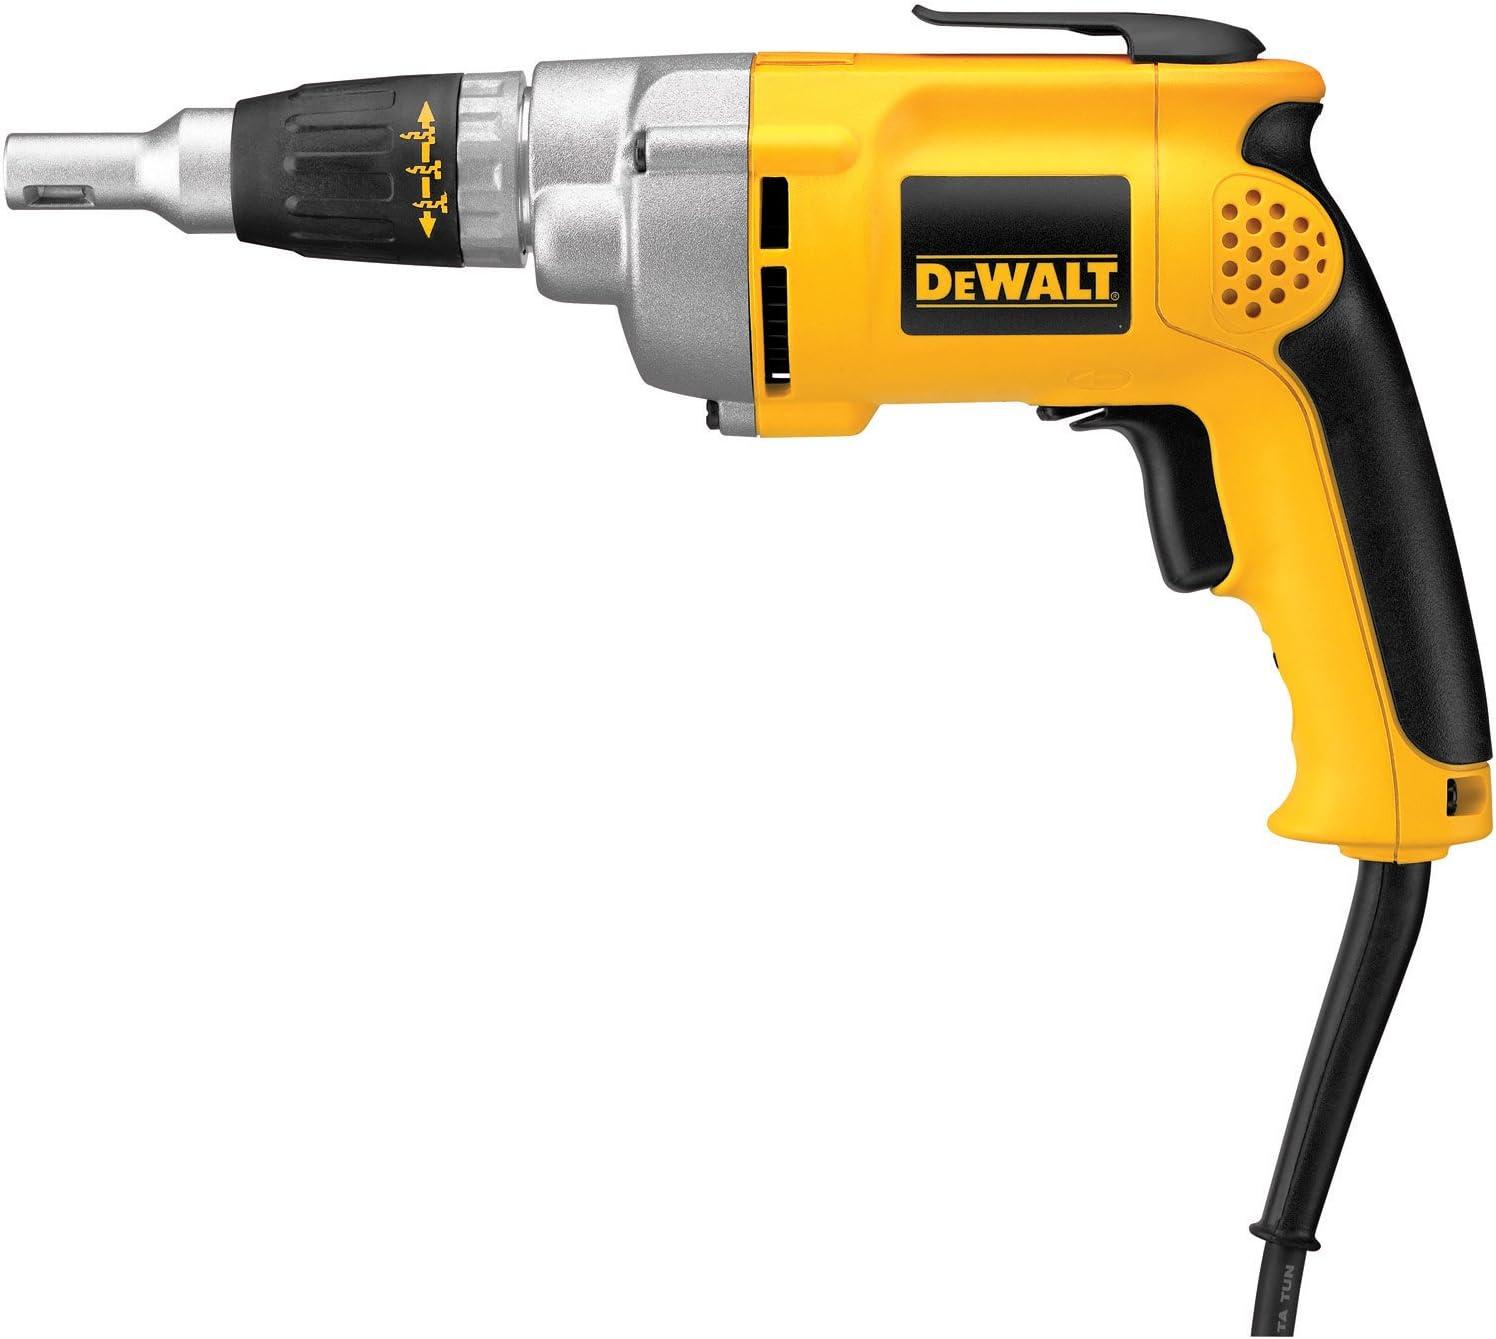 Dewalt Drywall Screw Gun DW276 Variable Speed Reversible, 6.5-Amp